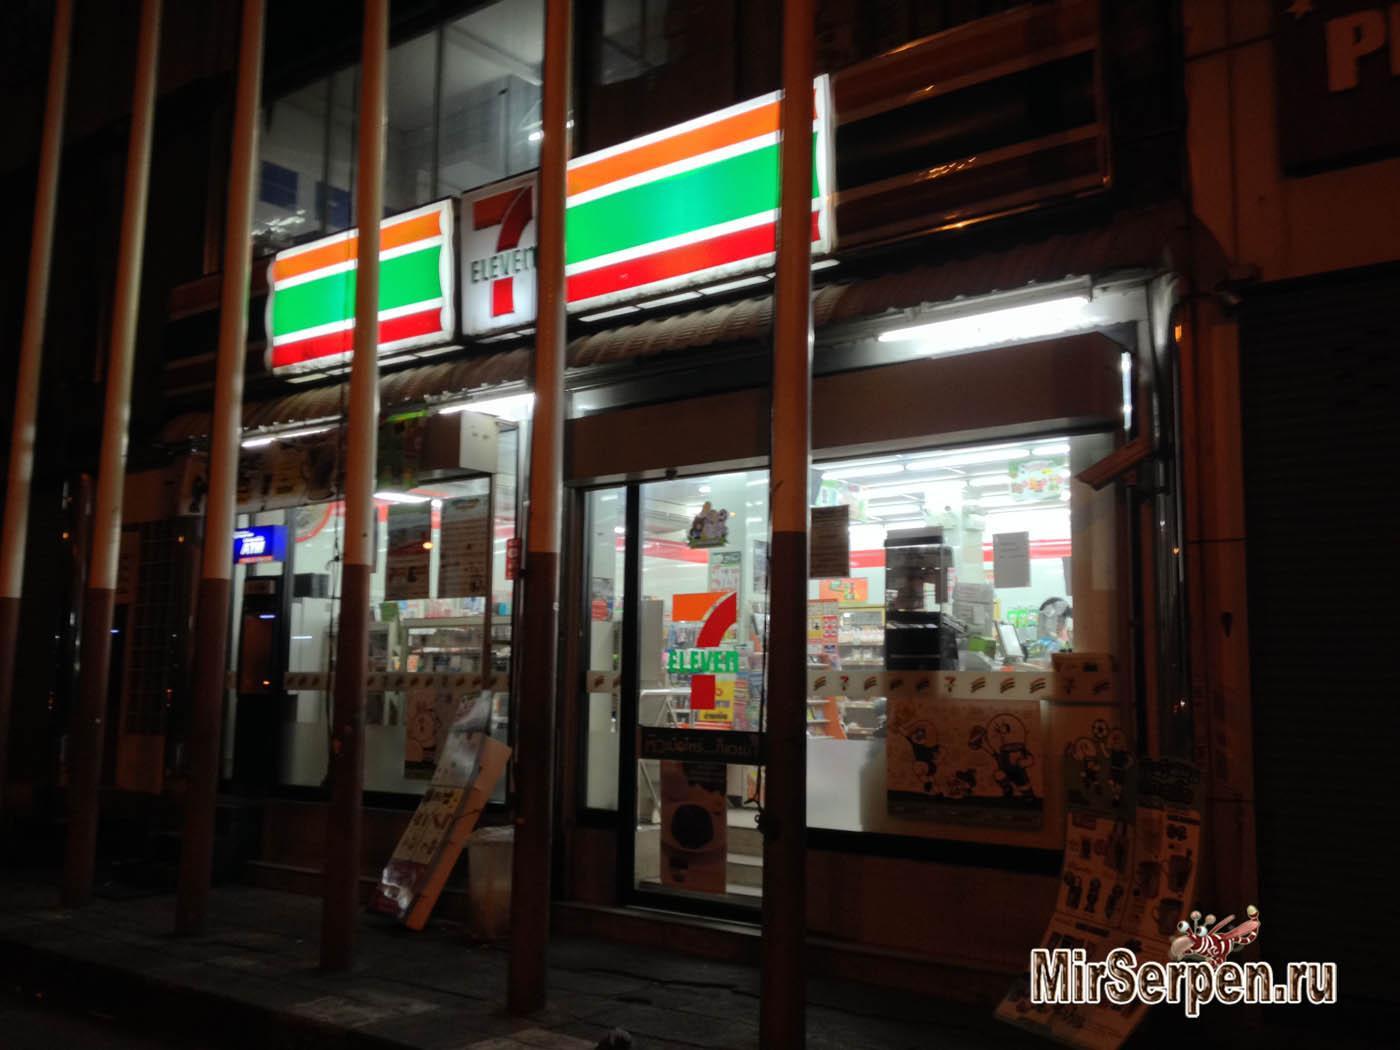 Еда в магазинах 7/11 и Family Mart